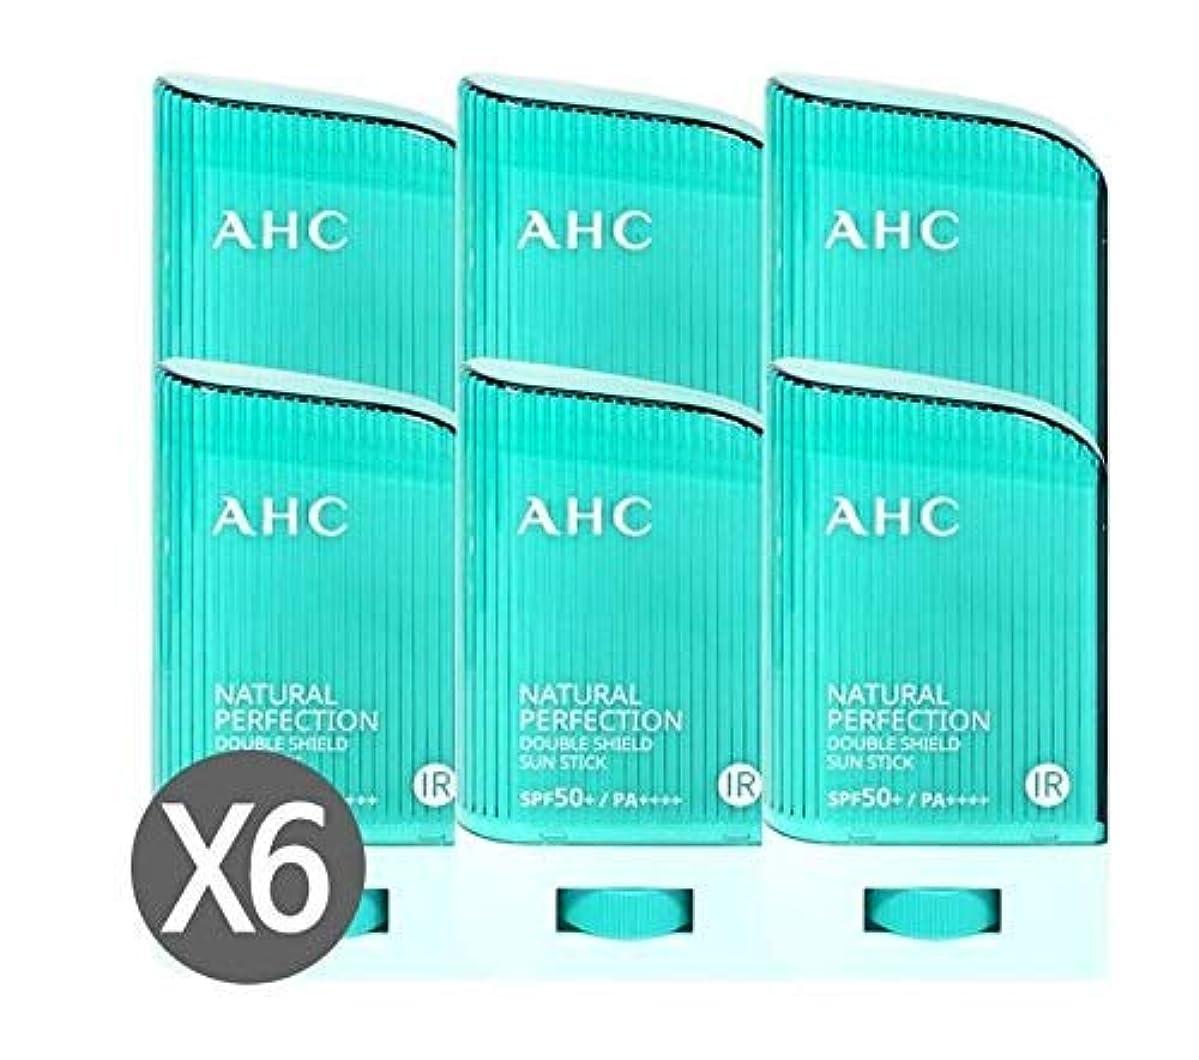 外交官離婚から聞く[ 6個セット ] AHC ナチュラルパーフェクションダブルシールドサンスティック 22g, Natural Perfection Double Shield Sun Stick SPF50+ PA++++